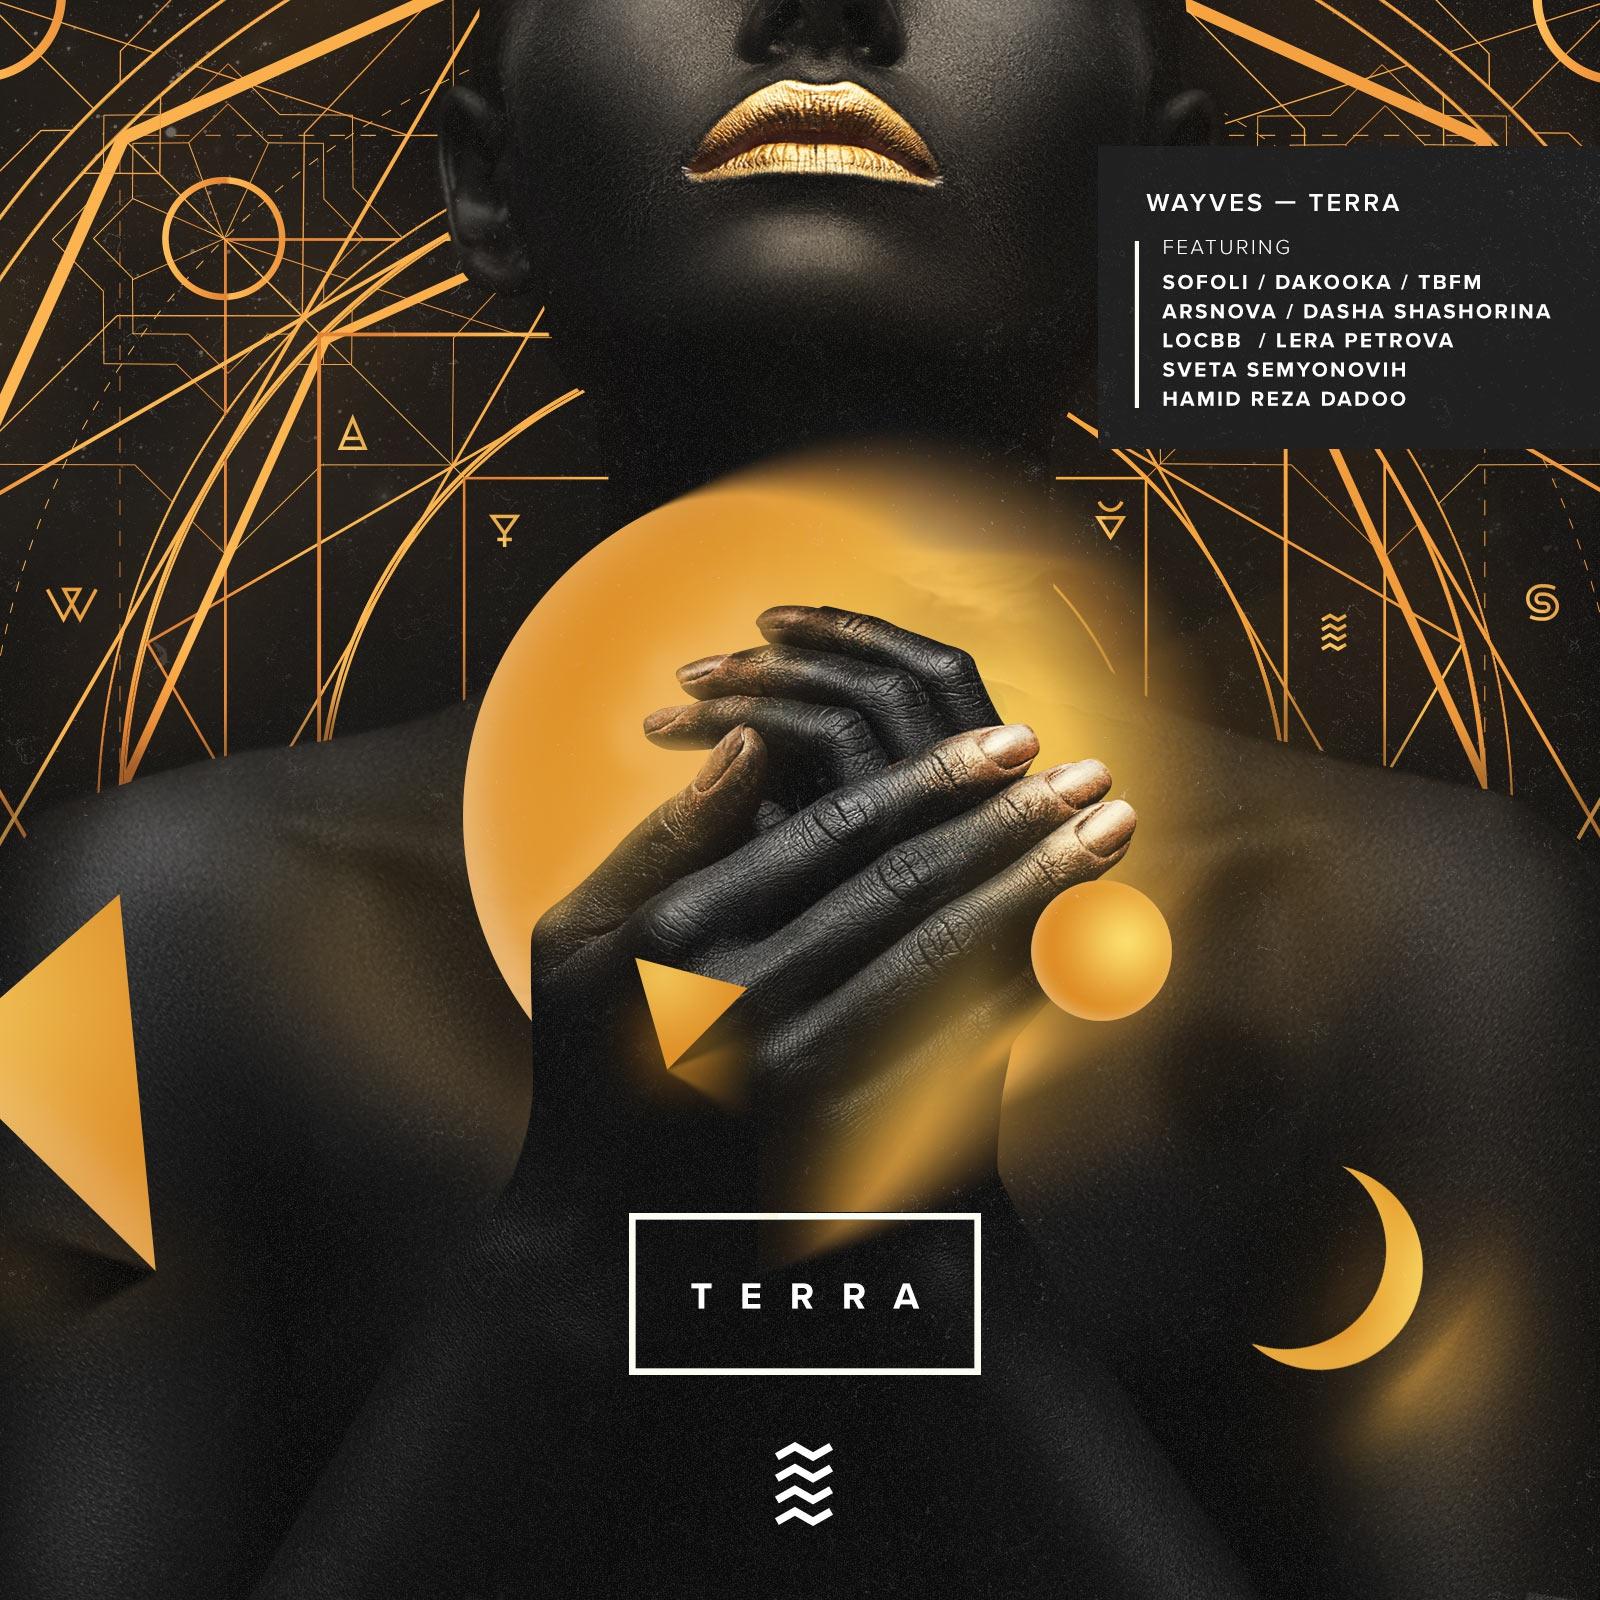 Wayves feat. Dakooka & ArsNova - Let Me Down  (Original Mix) ()